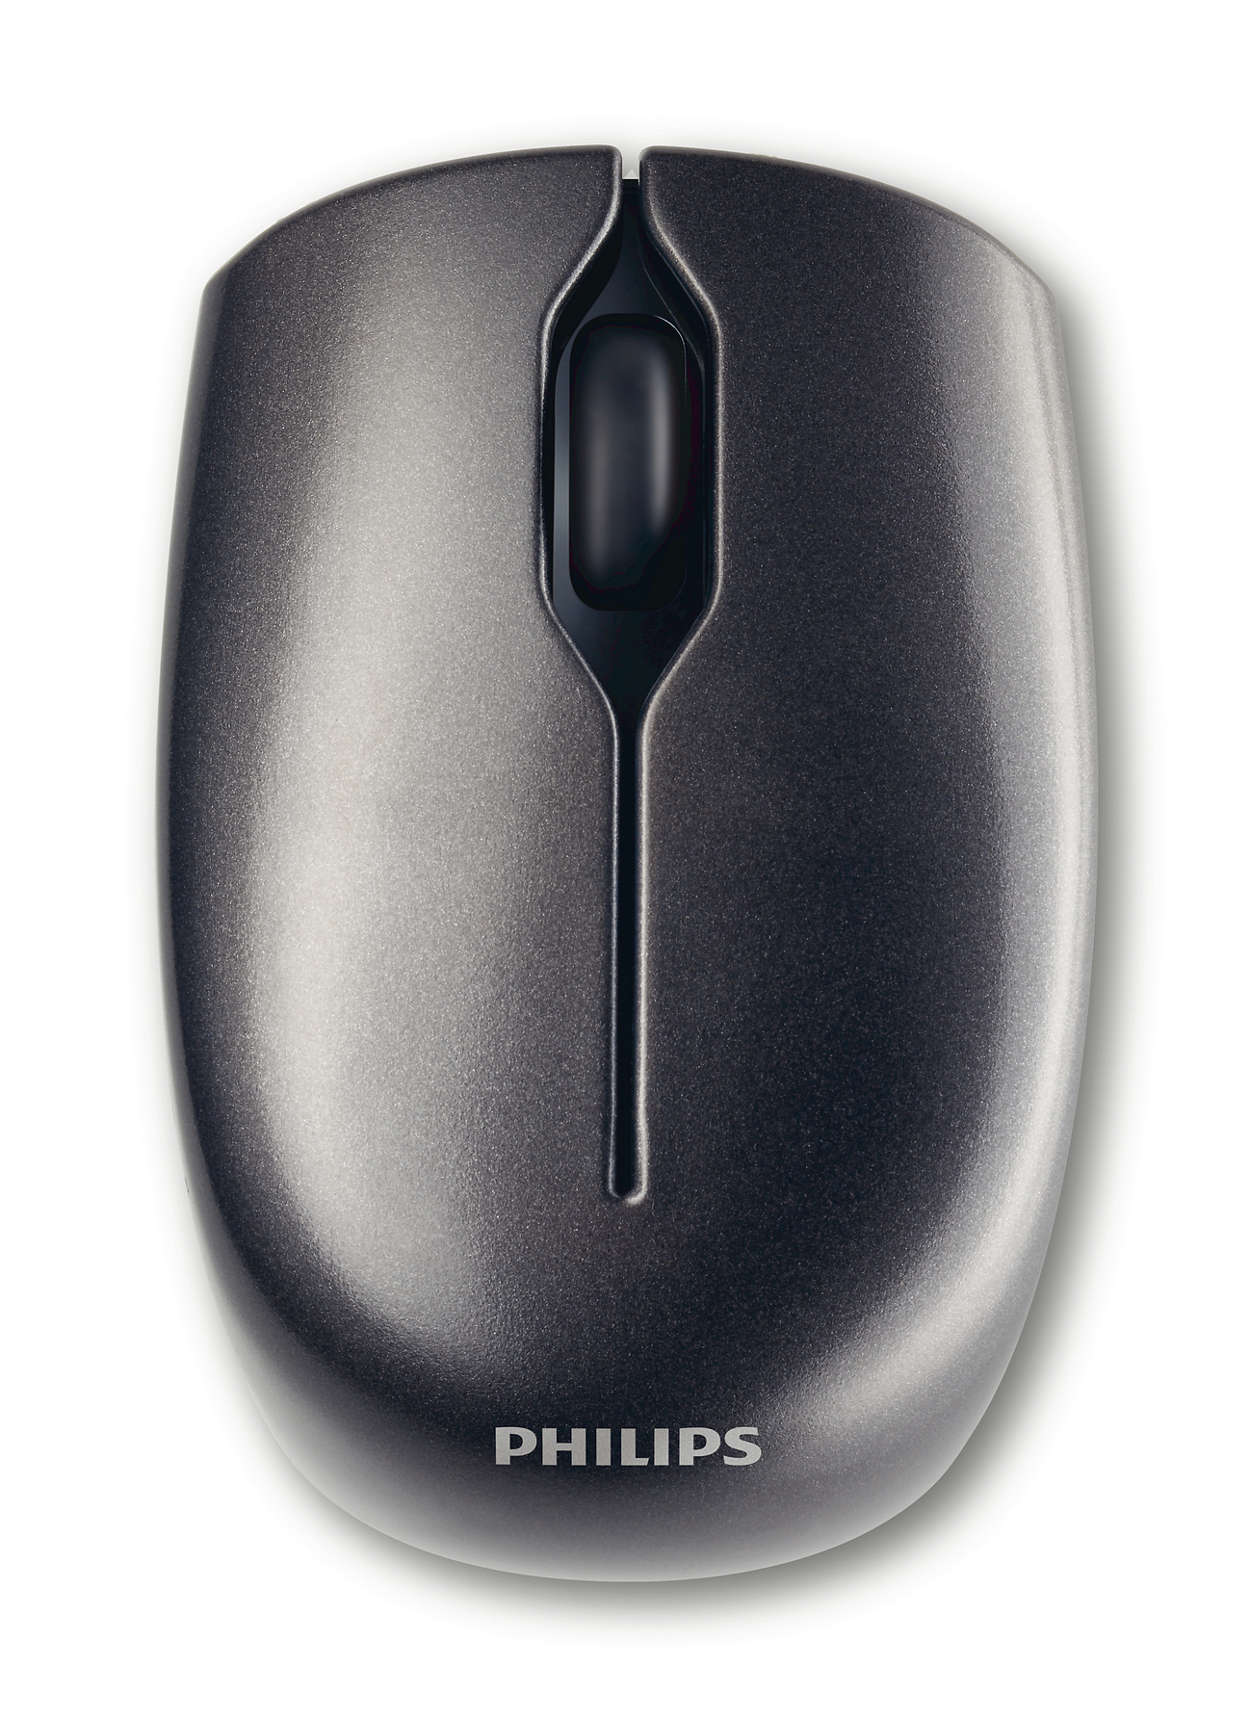 Bezdrôtová laserová myš k prenosným počítačom